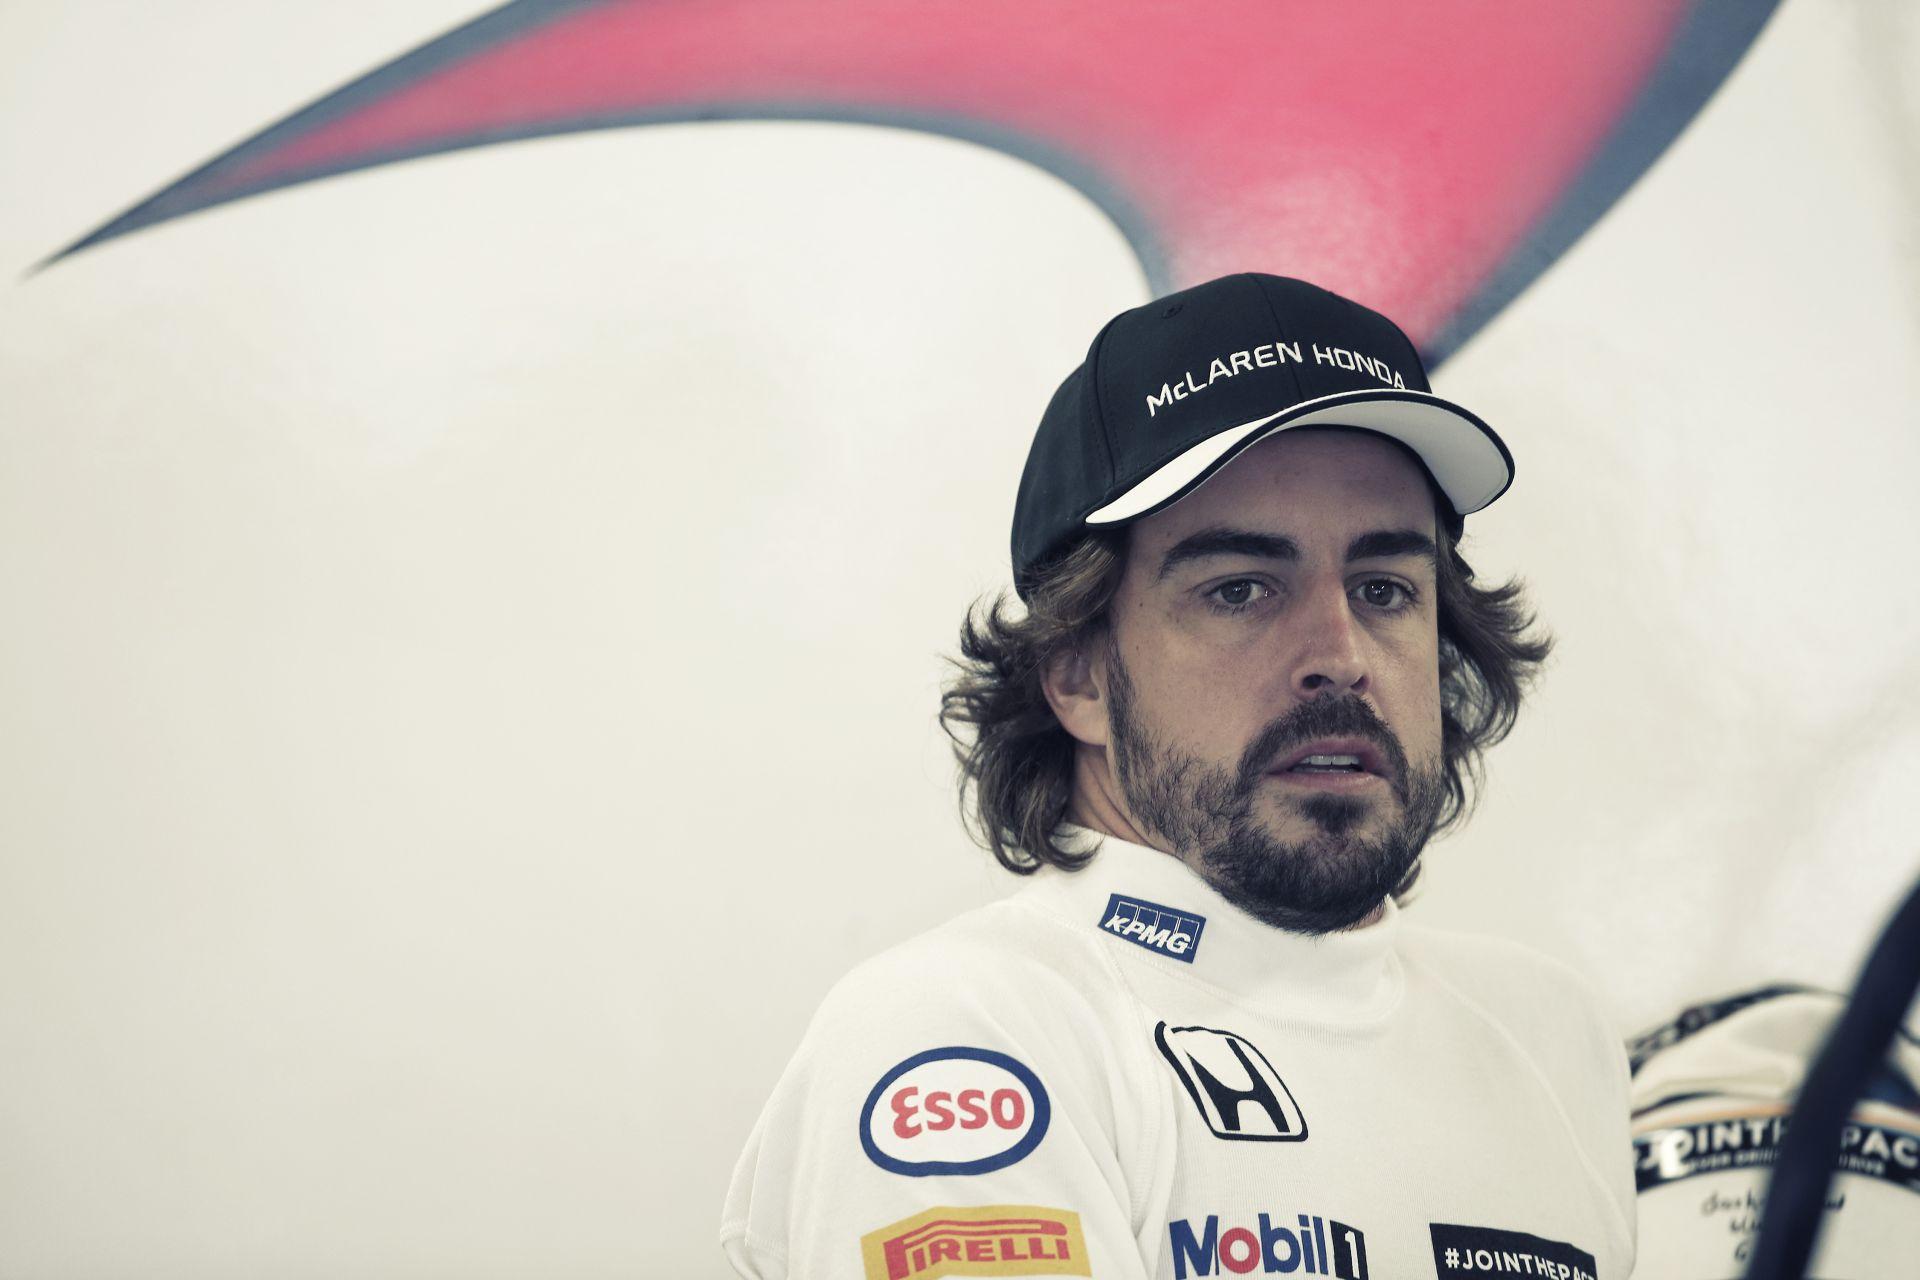 Alonsonak már mindegy, hogy Q1 vagy Q2... 35 helyes rajtbüntetéssel nem is csoda!